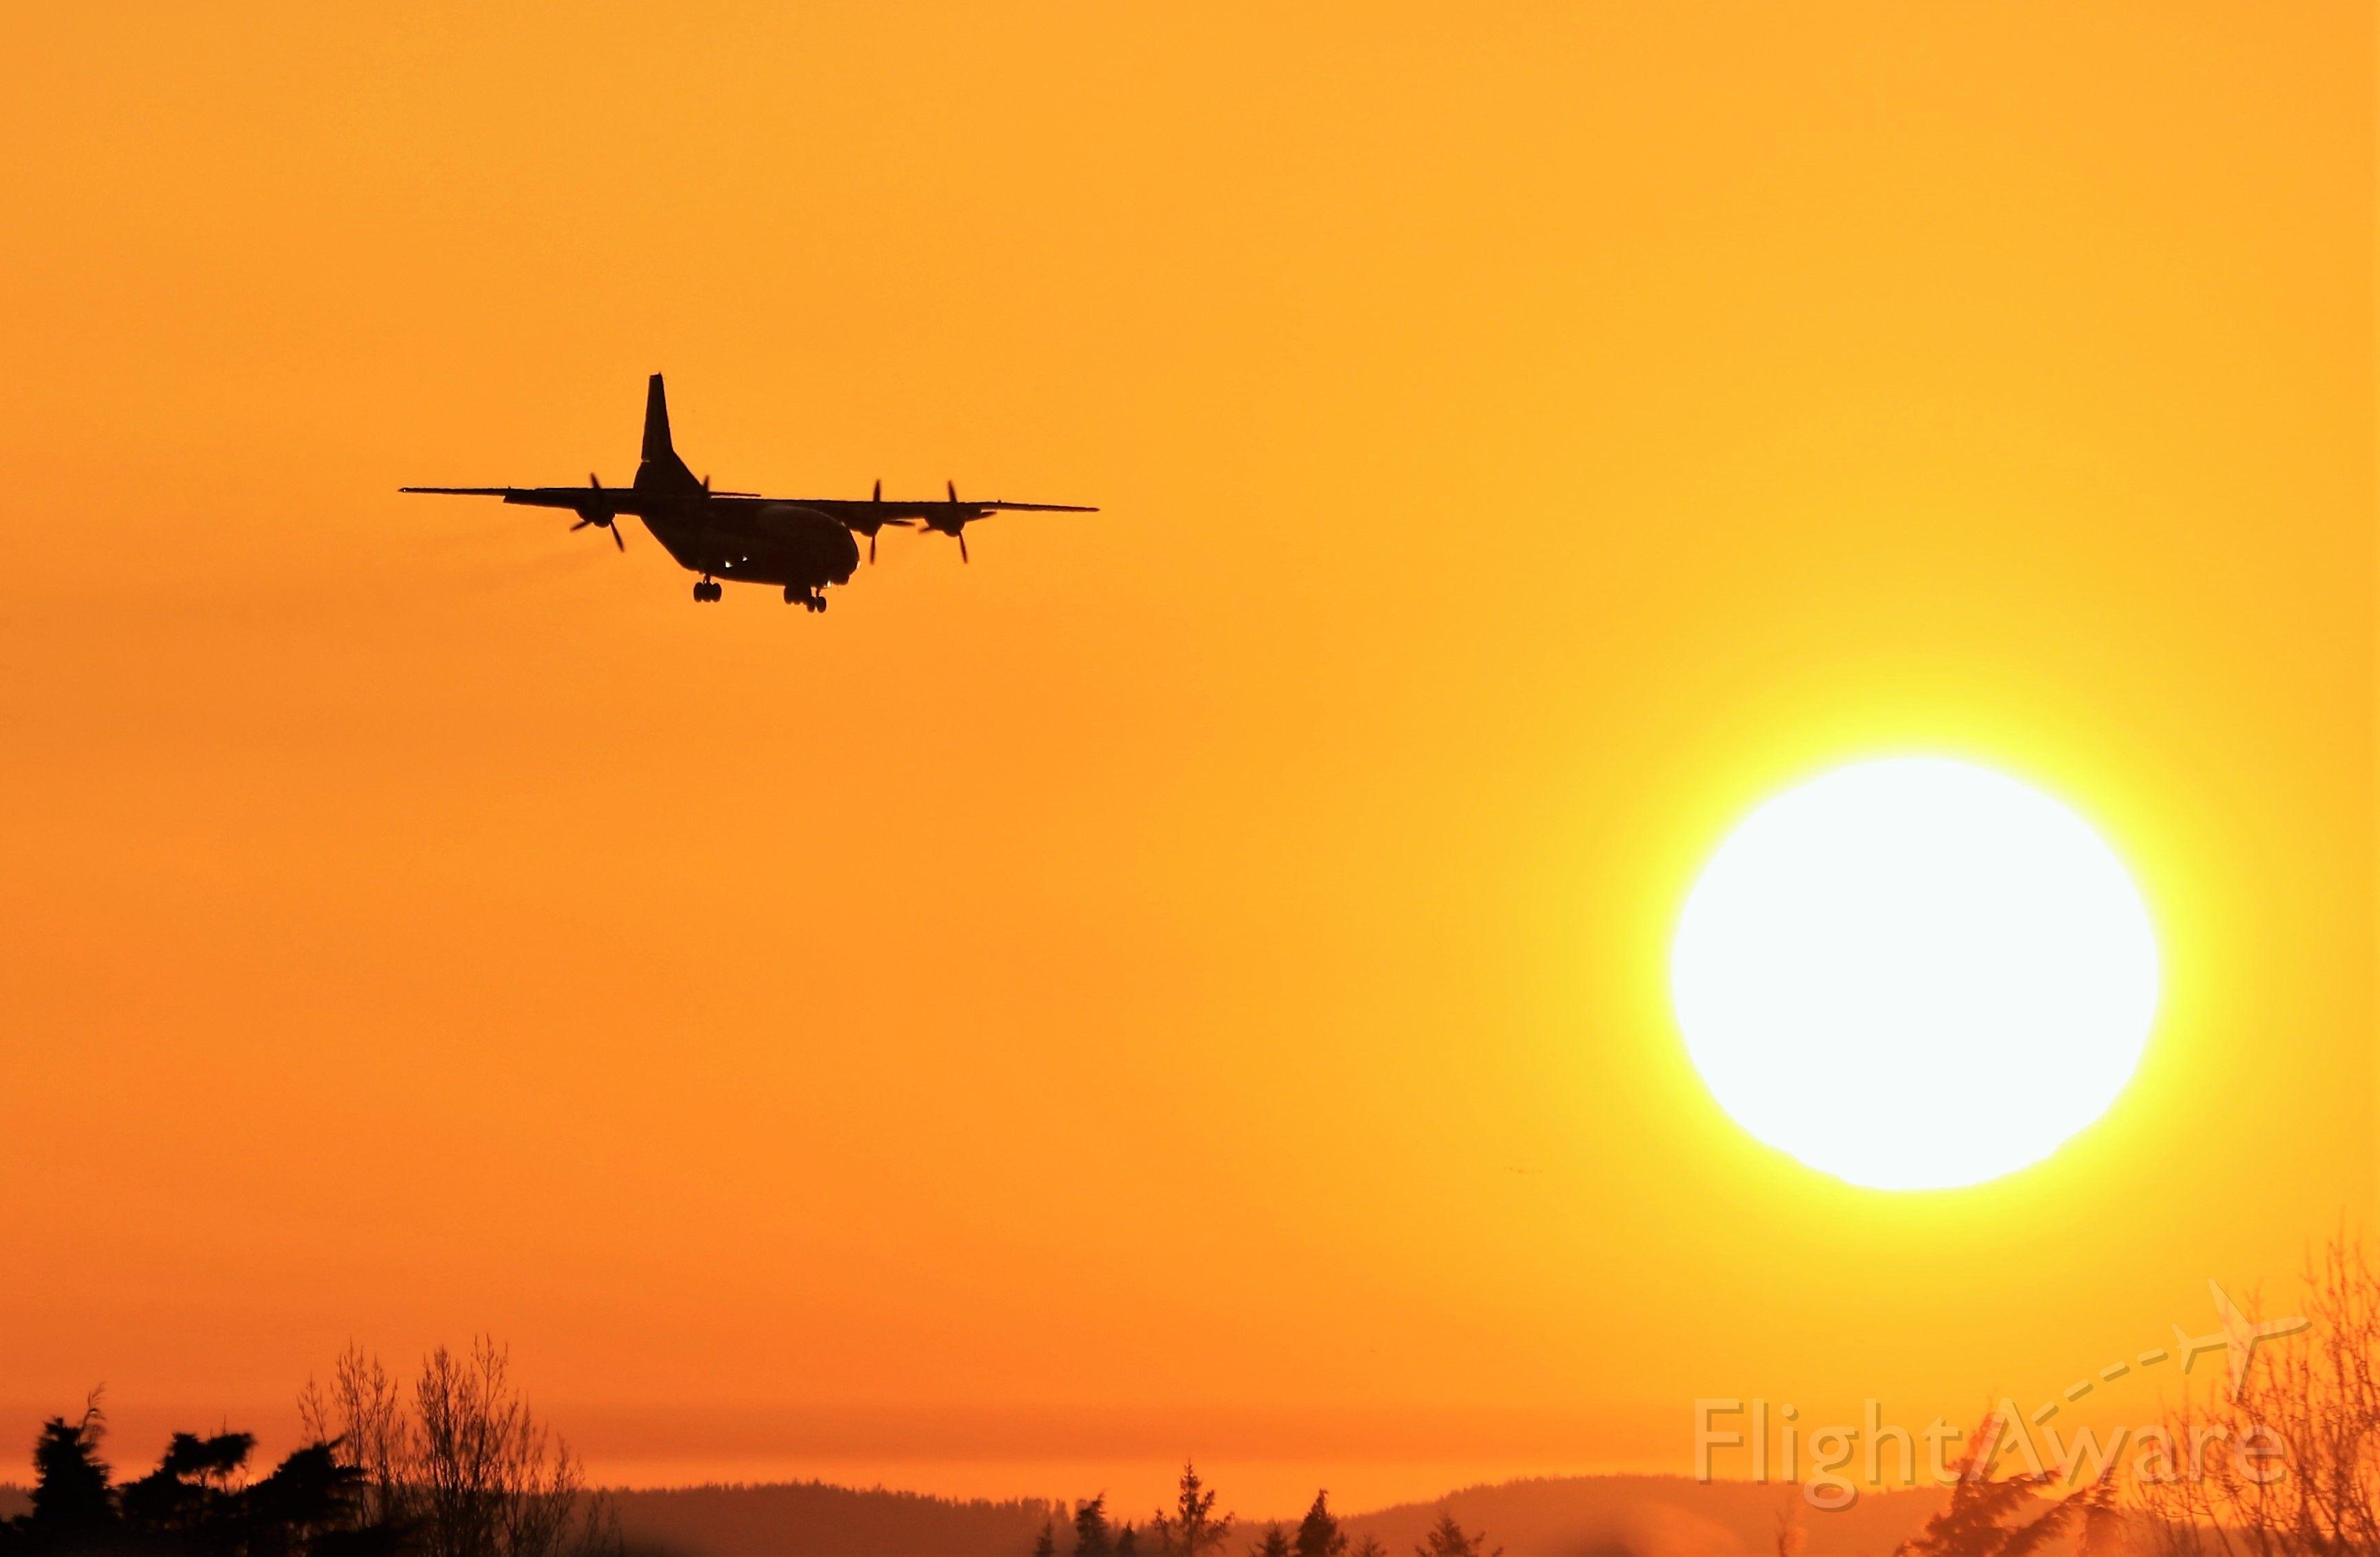 Antonov An-12 (UR-CKM) - cavok air an-12bp landing at shannon this evening 28/2/21.